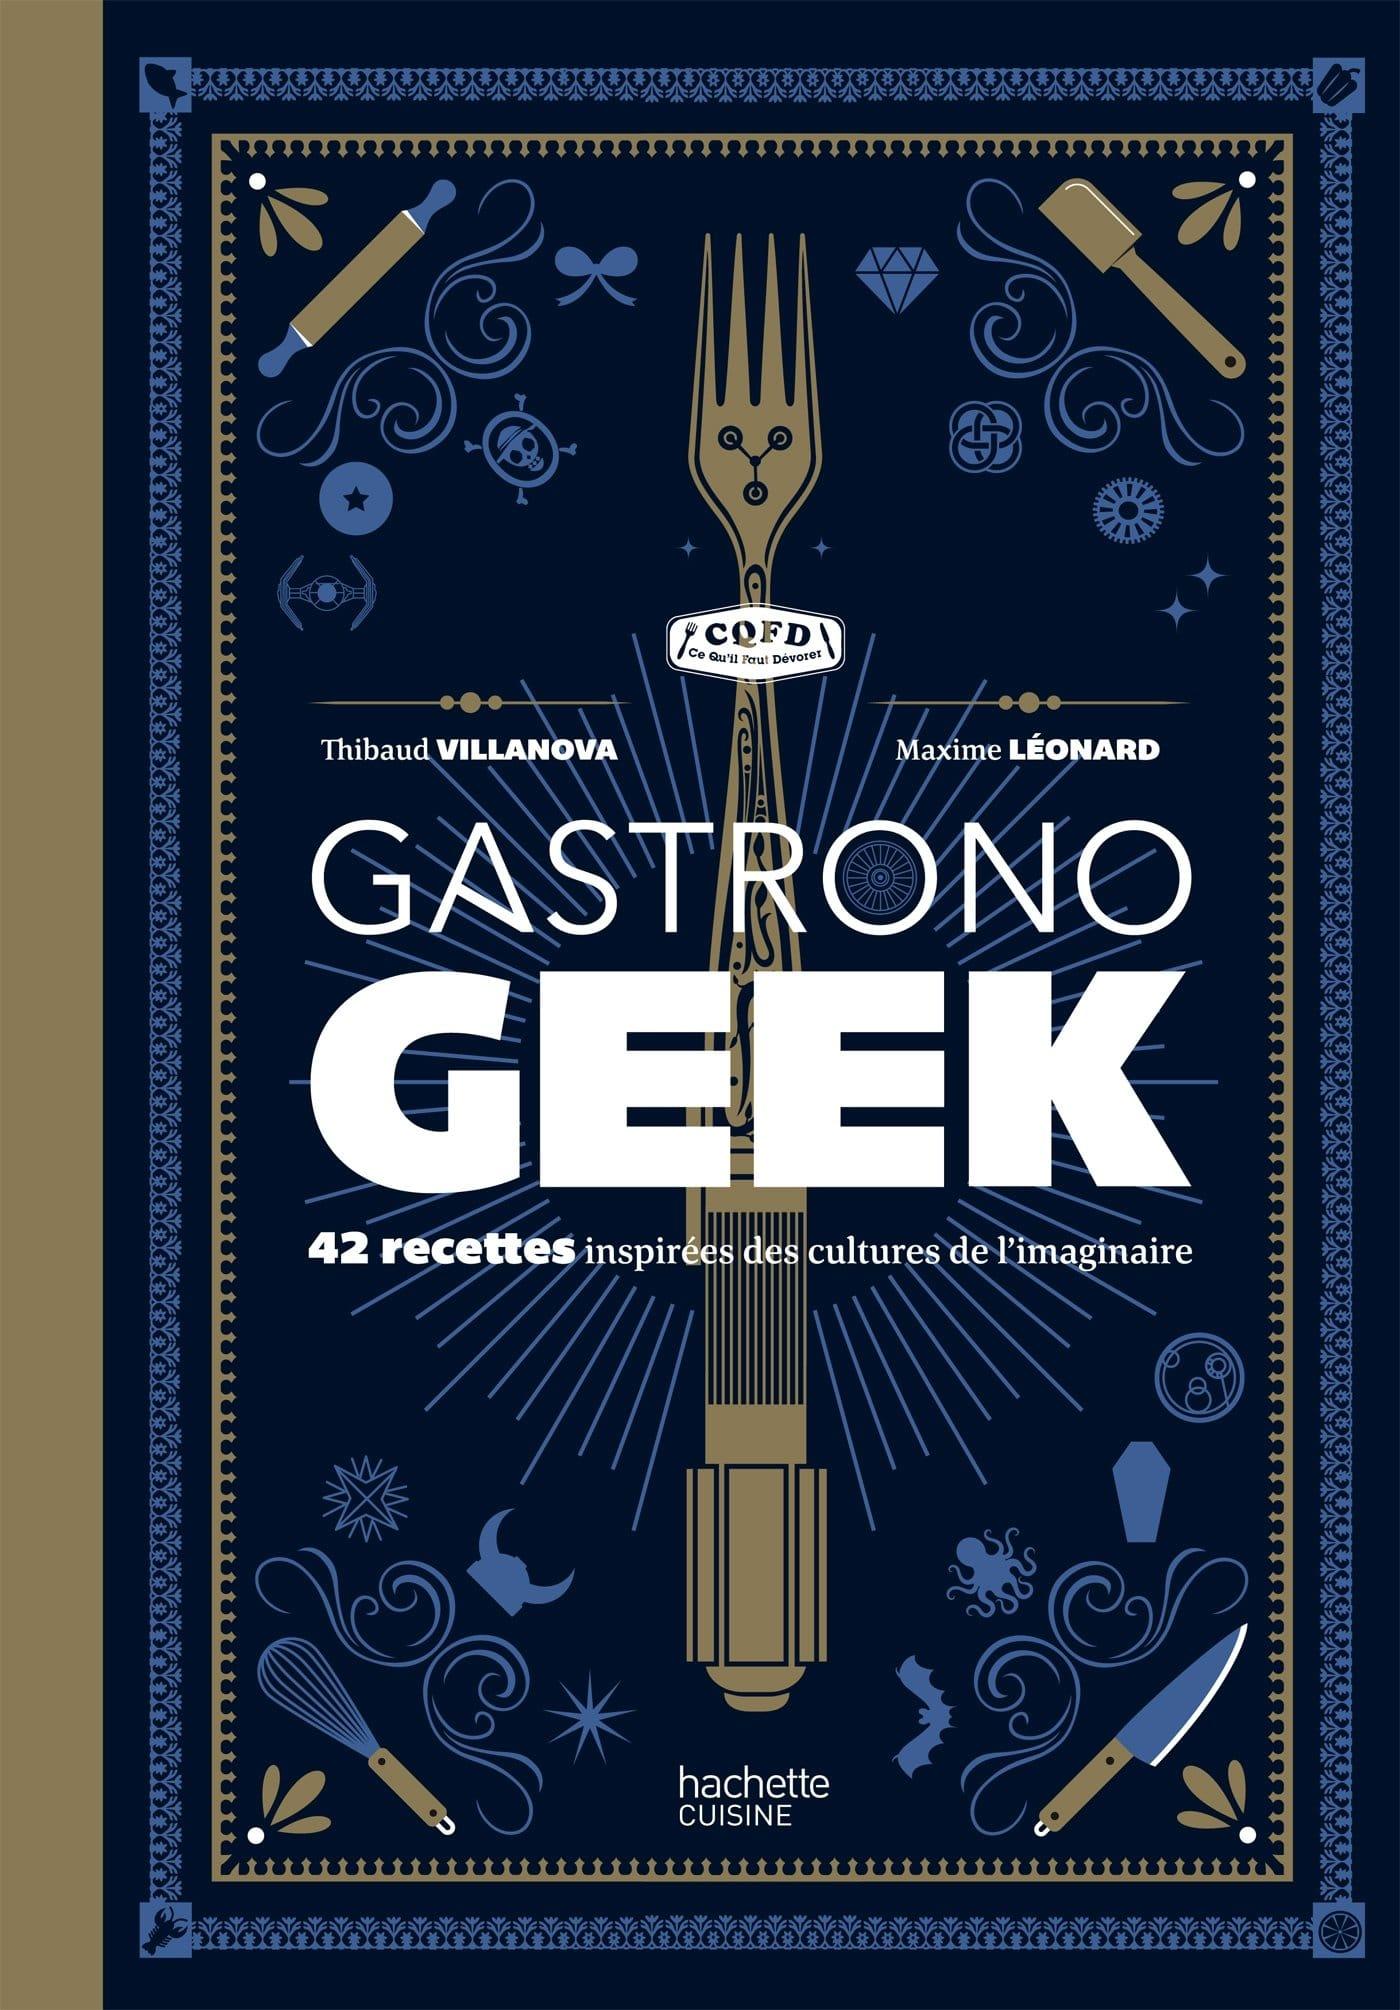 gastronogeek livre de cuisine pour geek objet geek